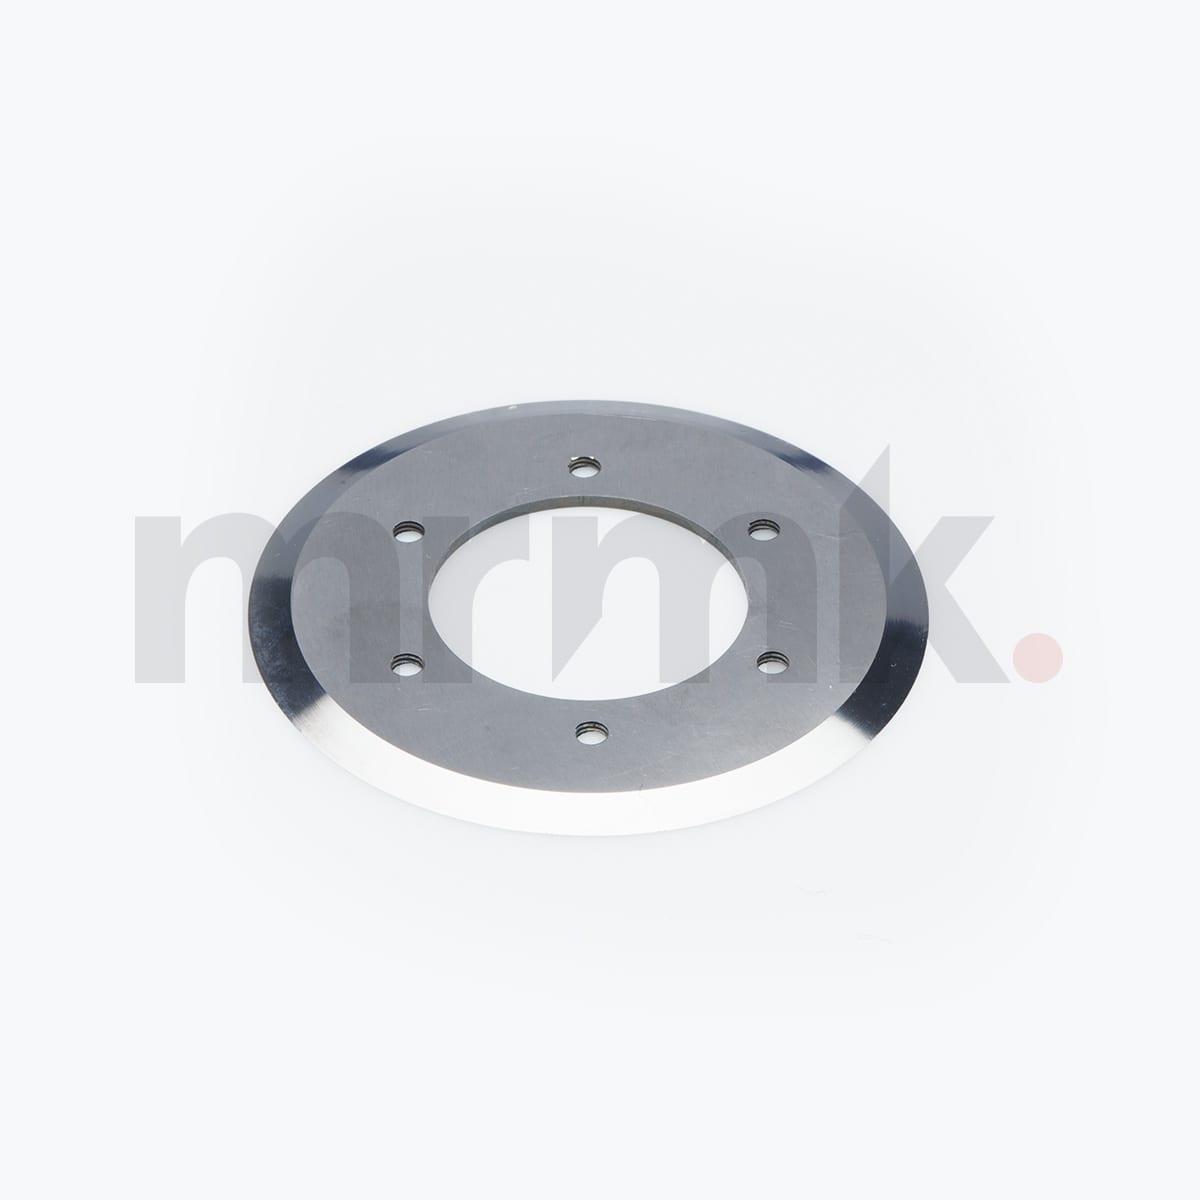 Multivac Compatible Circular Blade 6